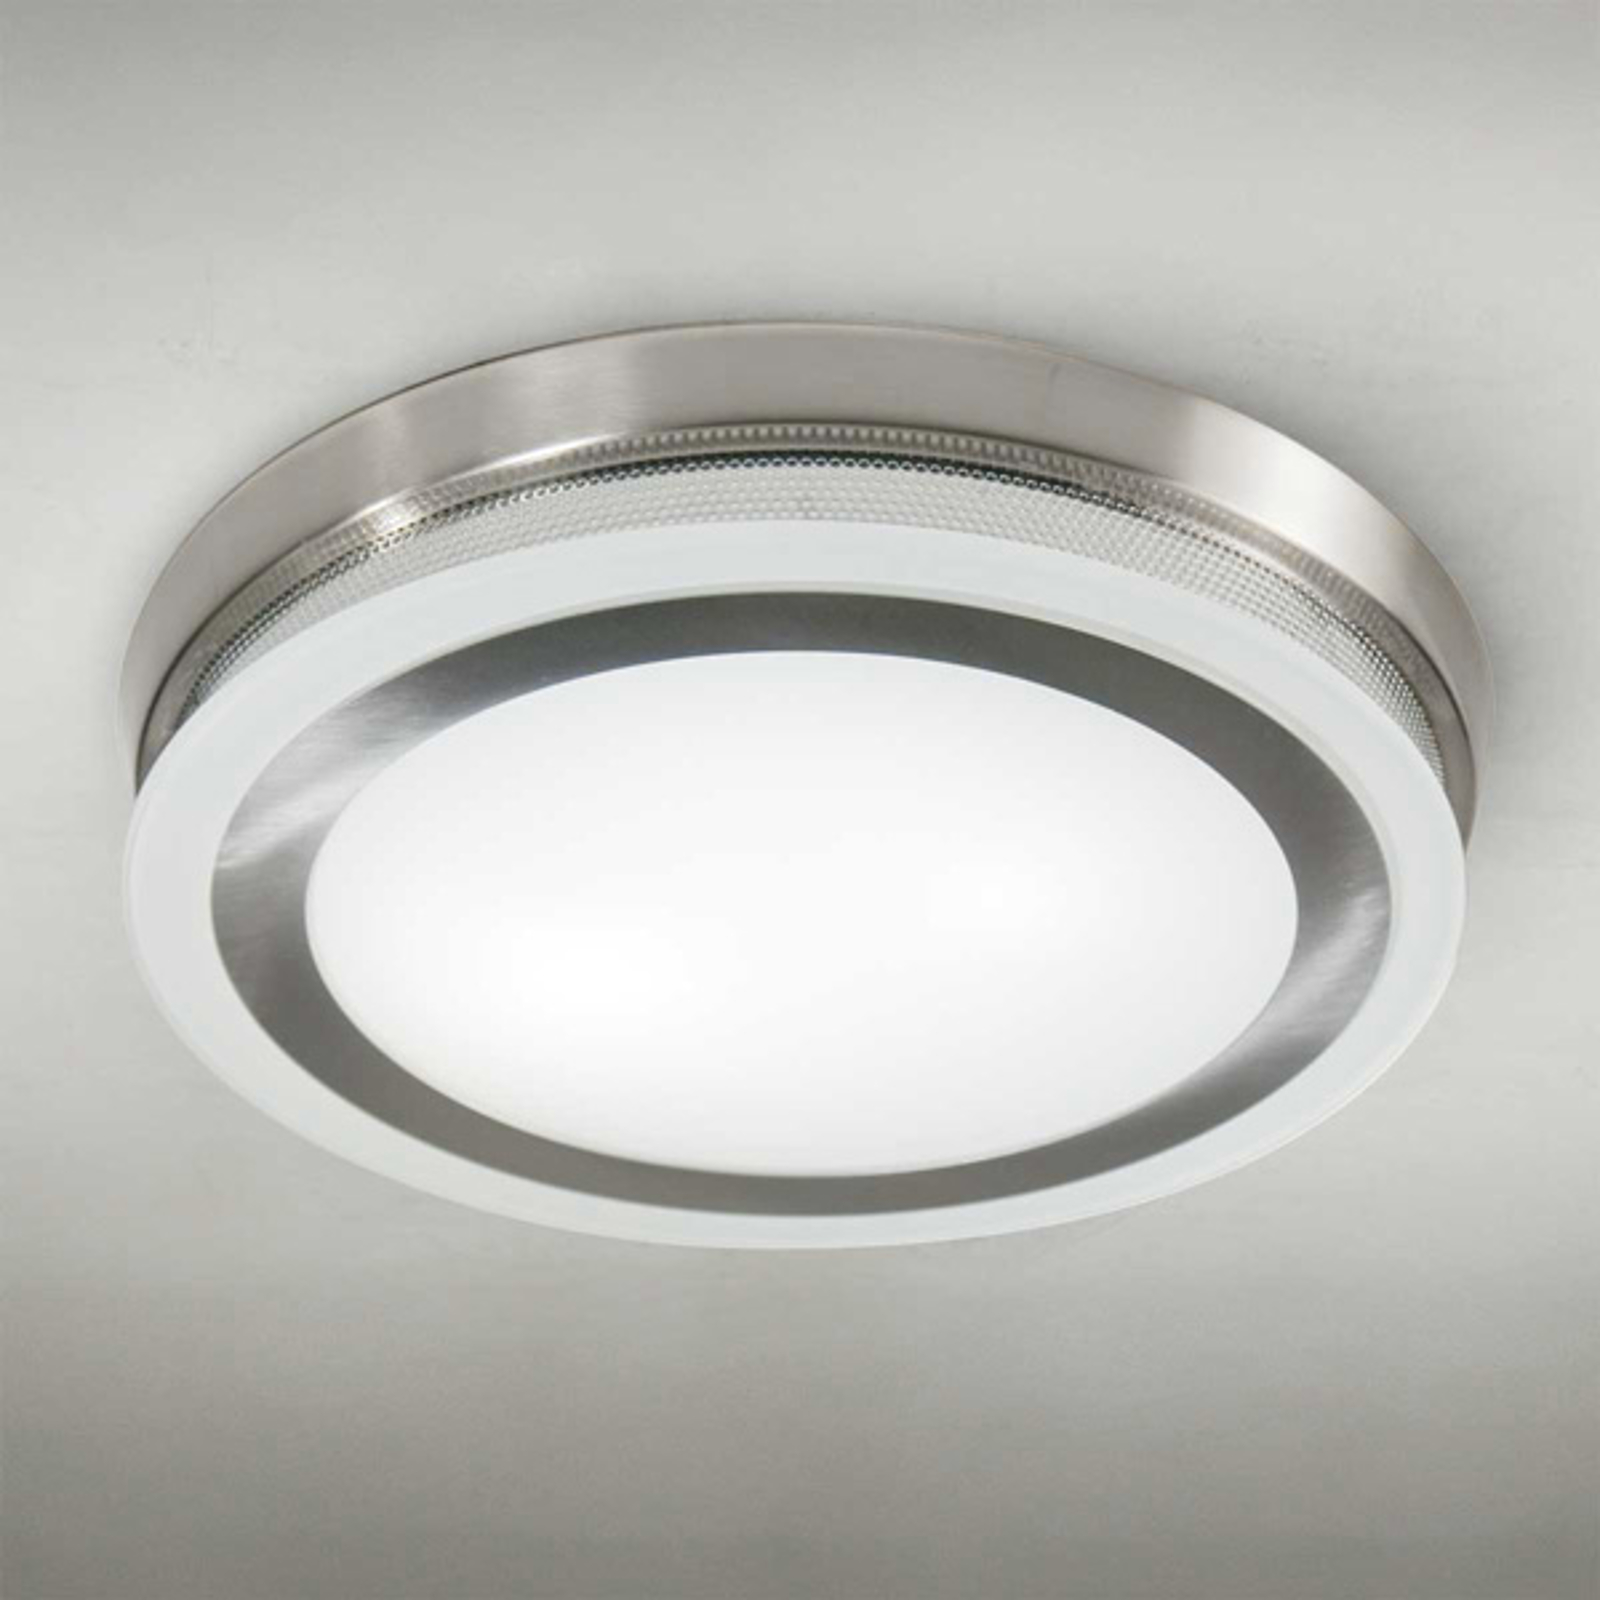 Pyöreä kattovalaisin Ring 9115 51 cm kromi